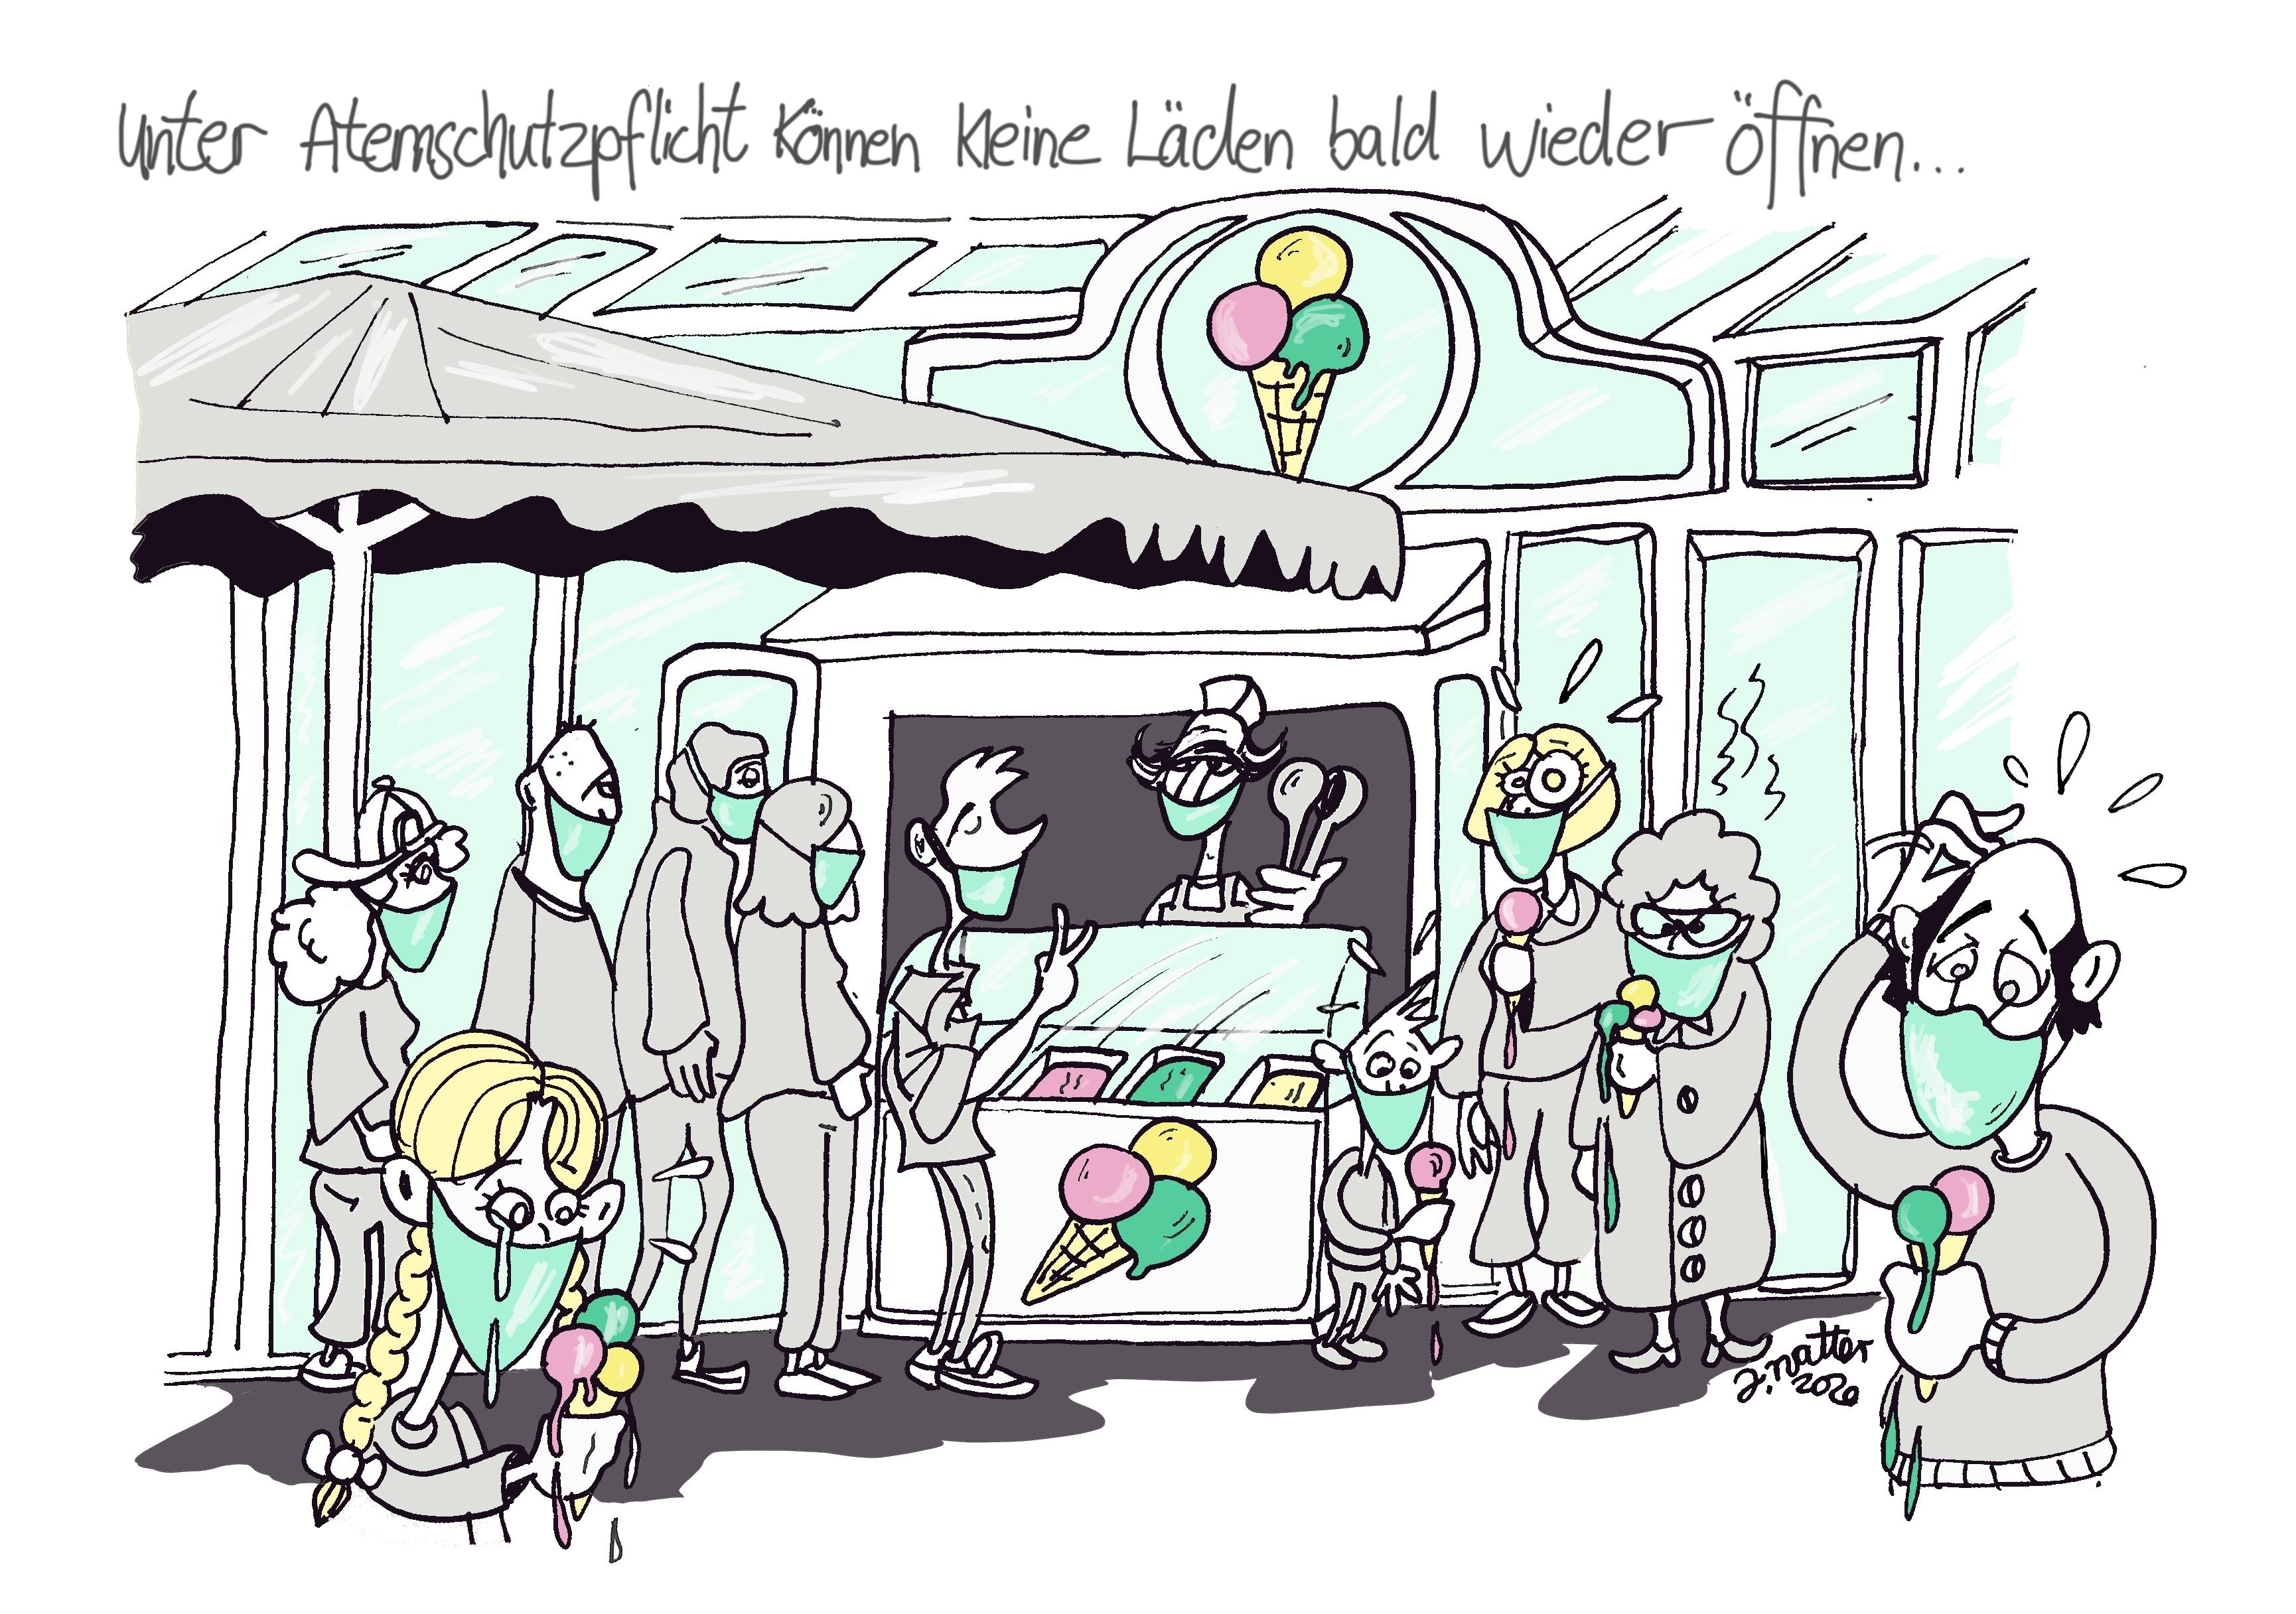 10.Corona kleine Läden Eis